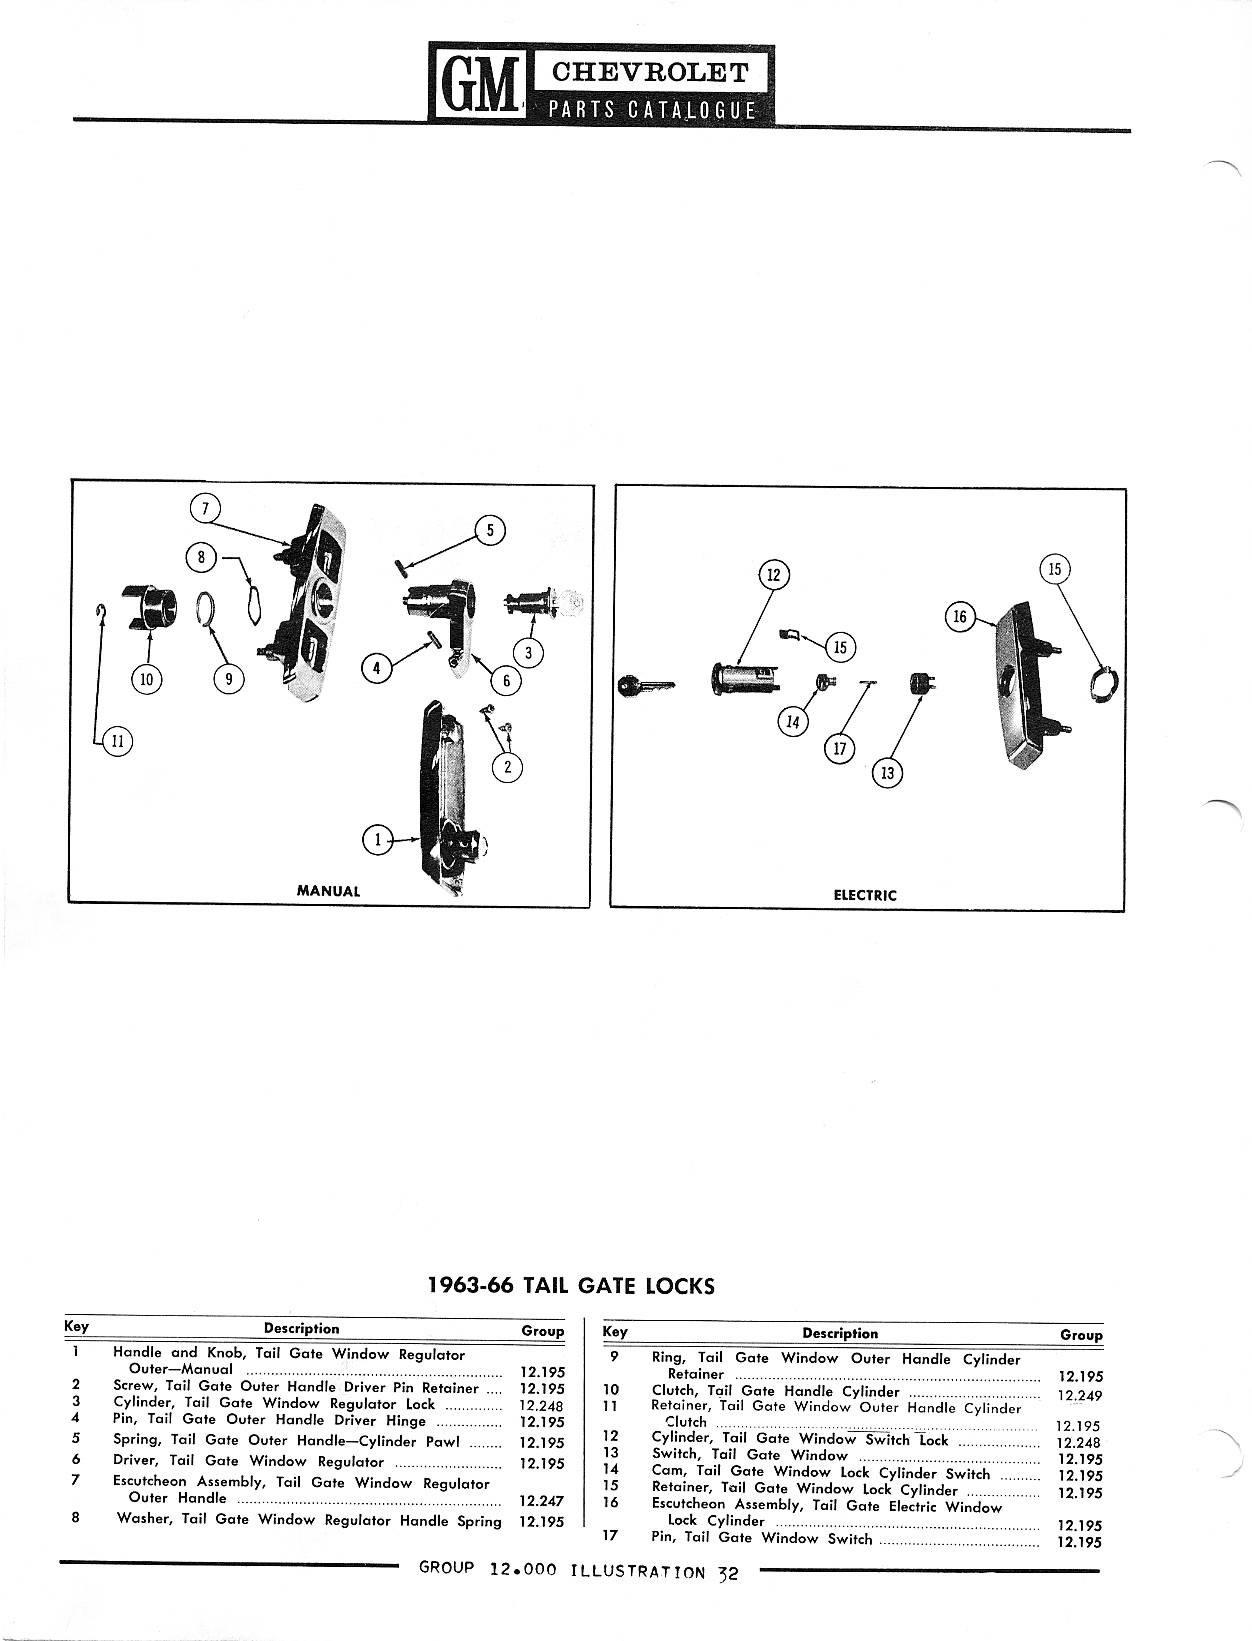 Chevrolet Car Parts Catalog